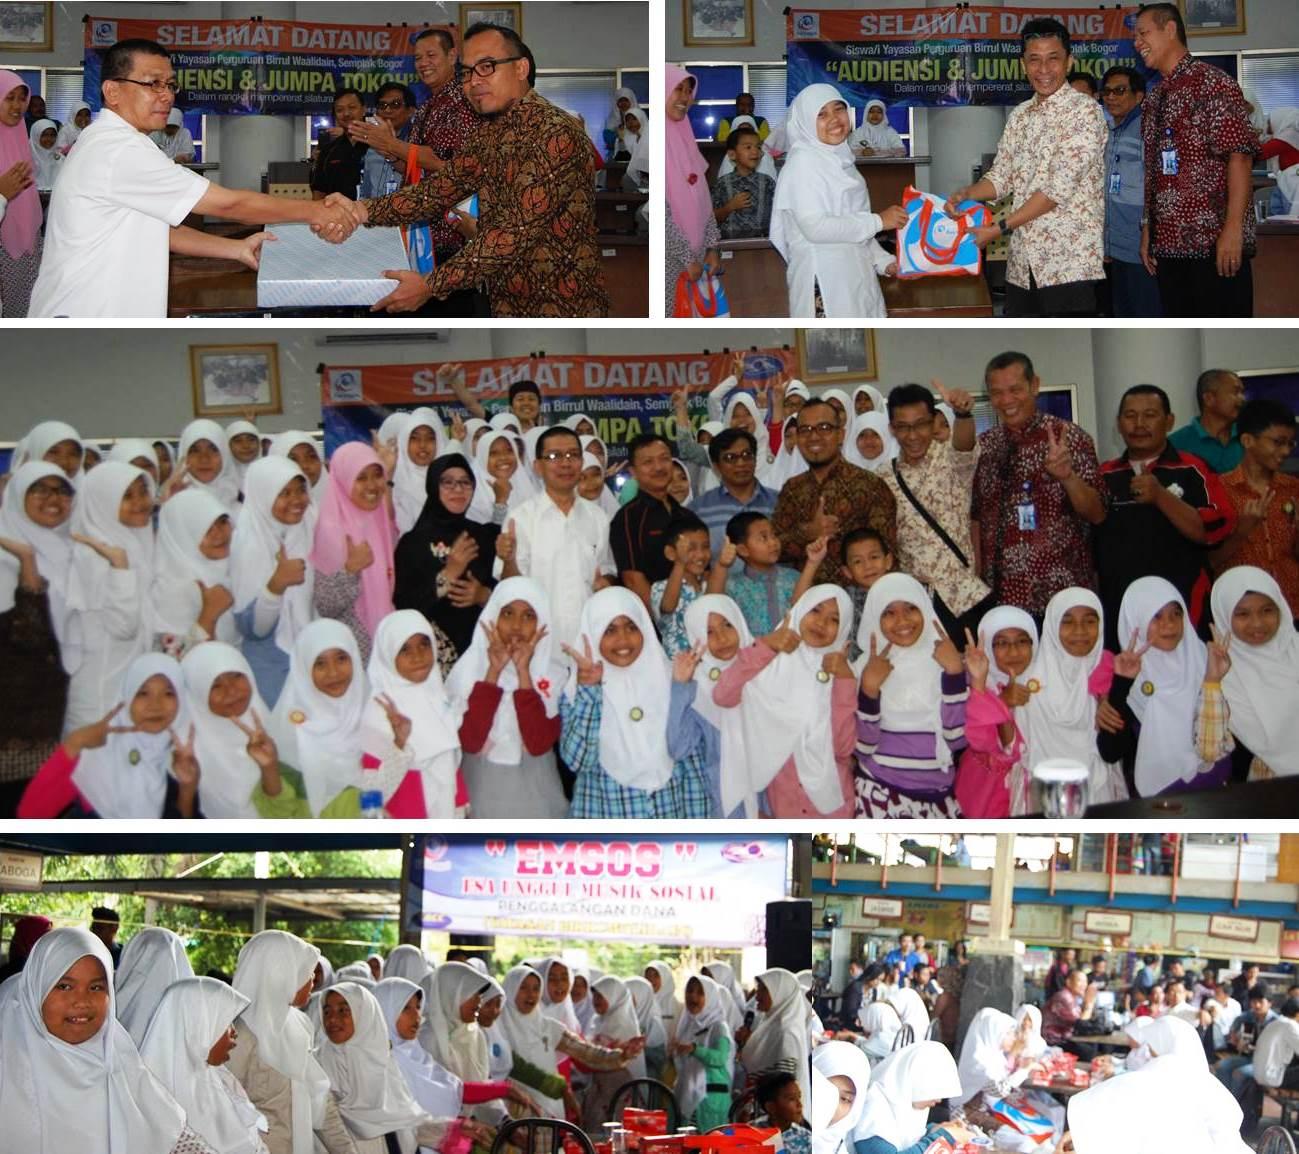 Jumpa Tokoh Dan Kegiatan Sosial Universitas Esa Unggul Dengan Yayasan Birrul Walaidain Bogor